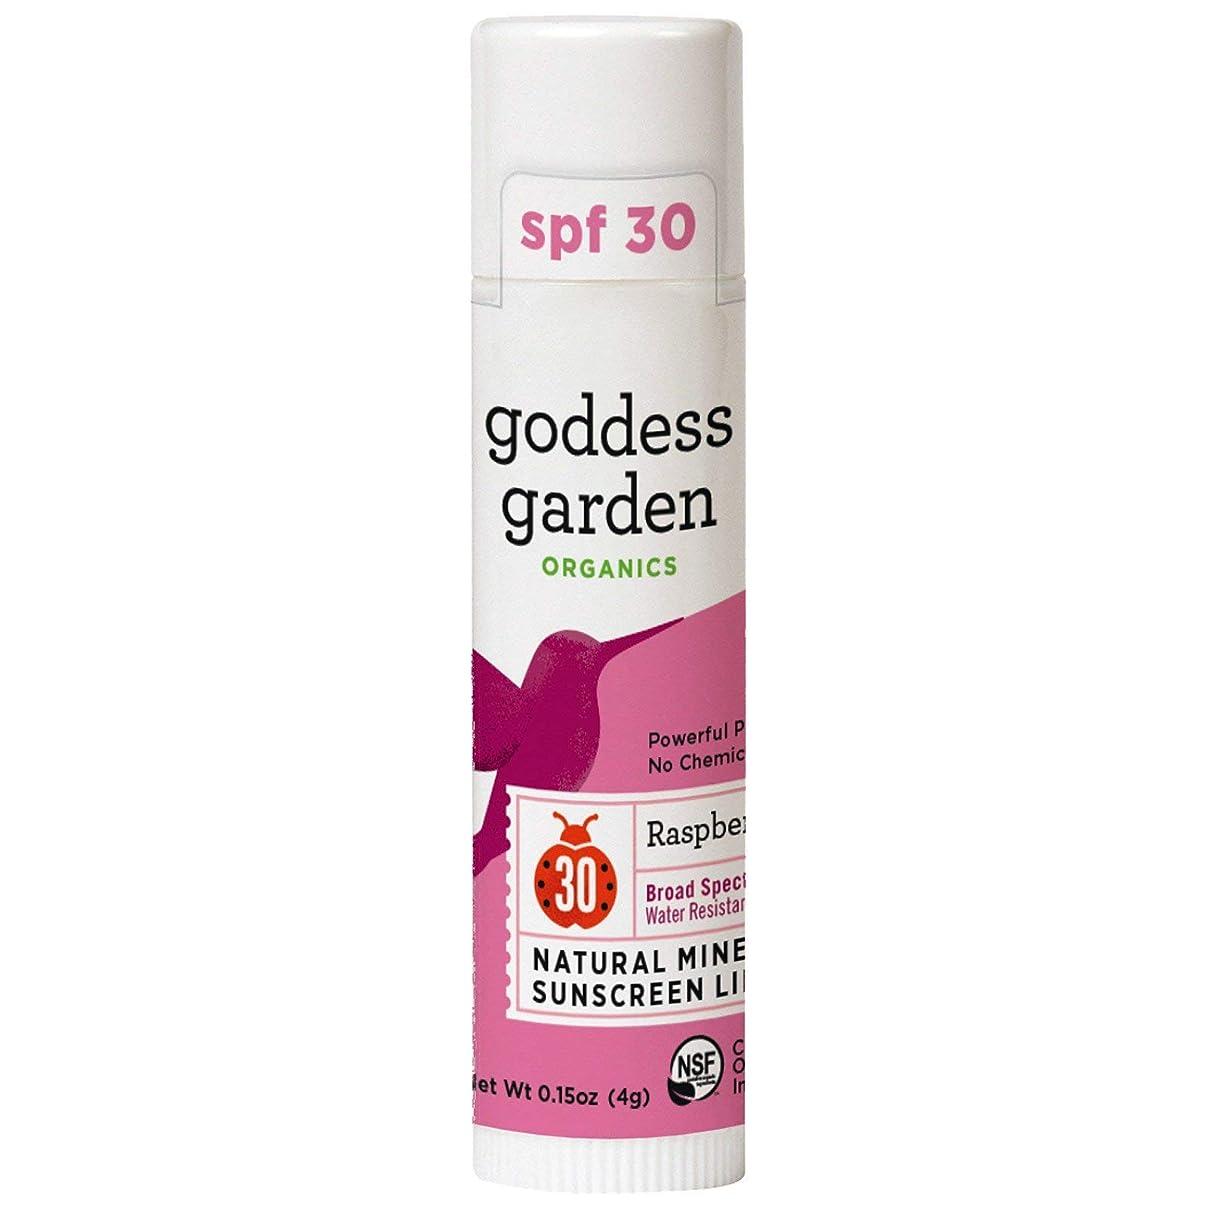 乳ご注意露骨なGoddess Garden, オーガニック, 天然ミネラル日焼け止めリップバーム, SPF 30, ラズベリー, 0.15 oz (4 g)